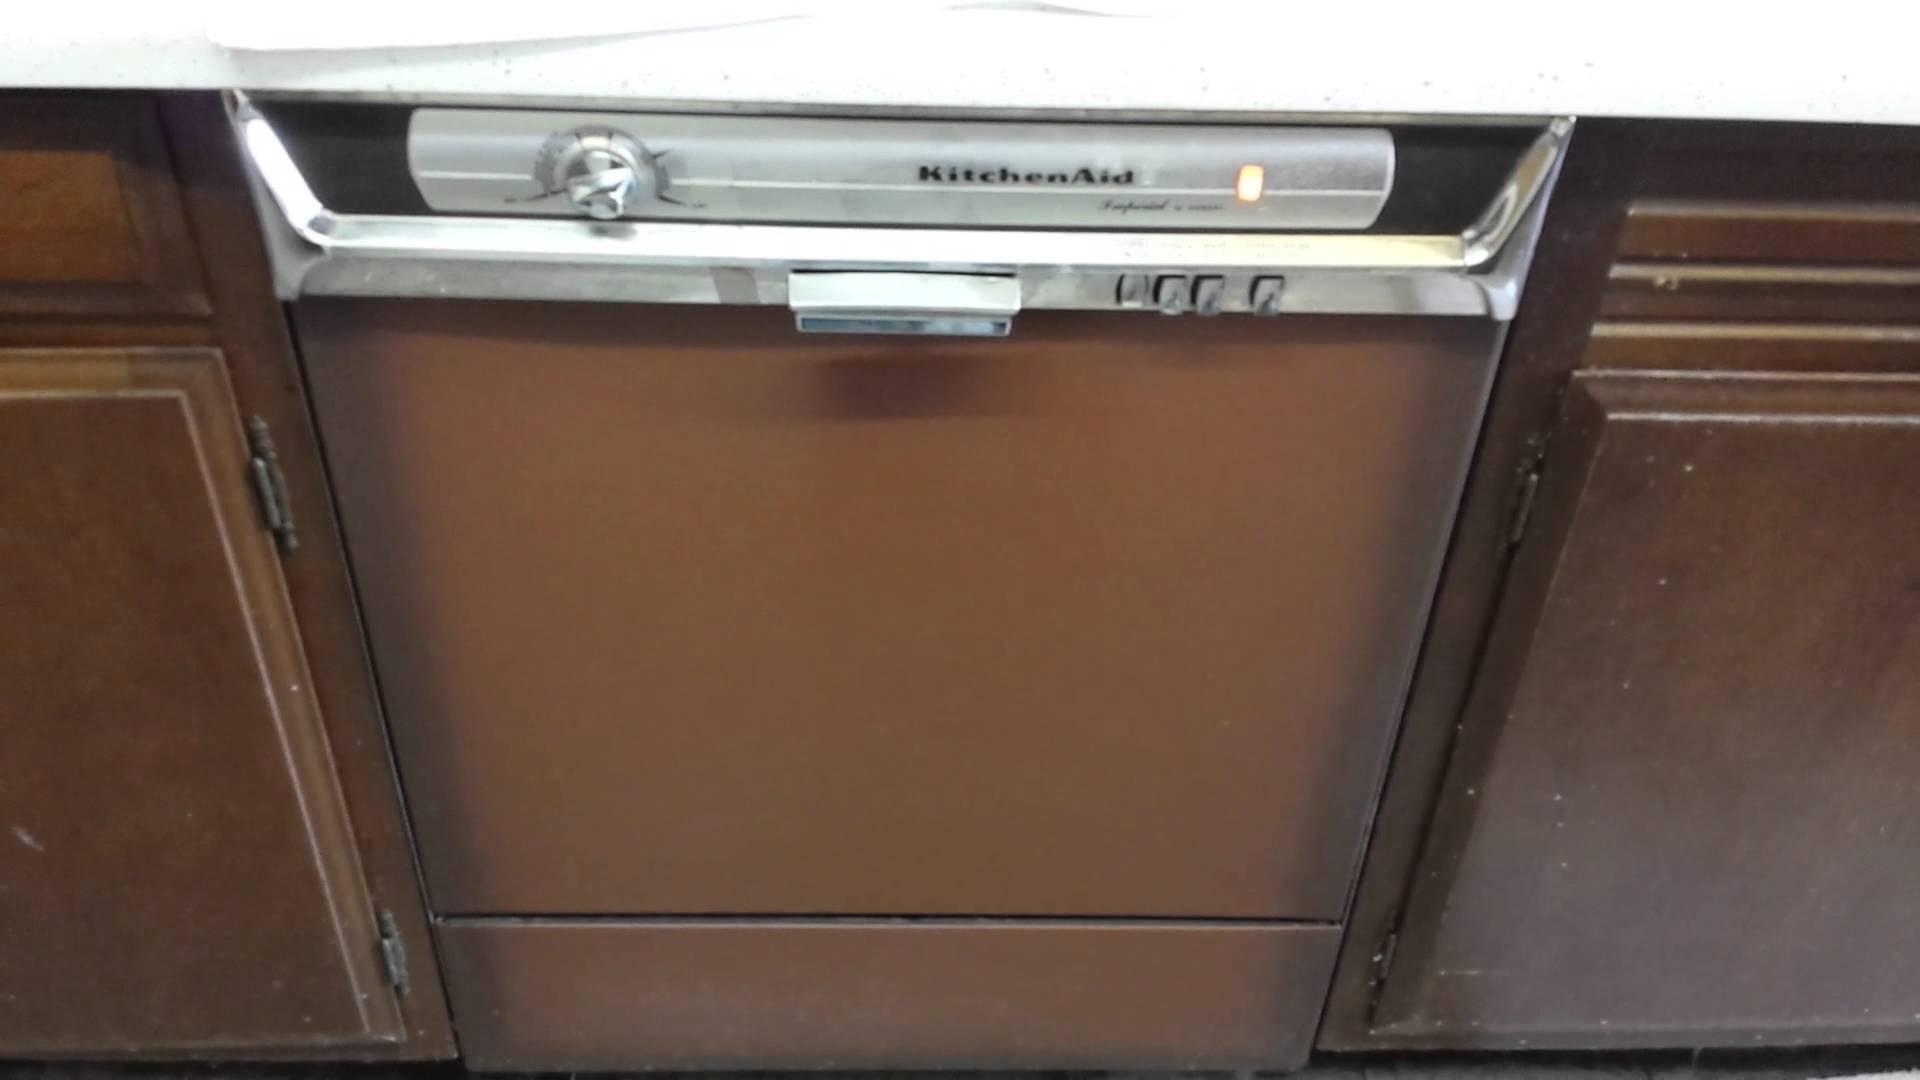 Sửa máy rửa bát KitchenAid